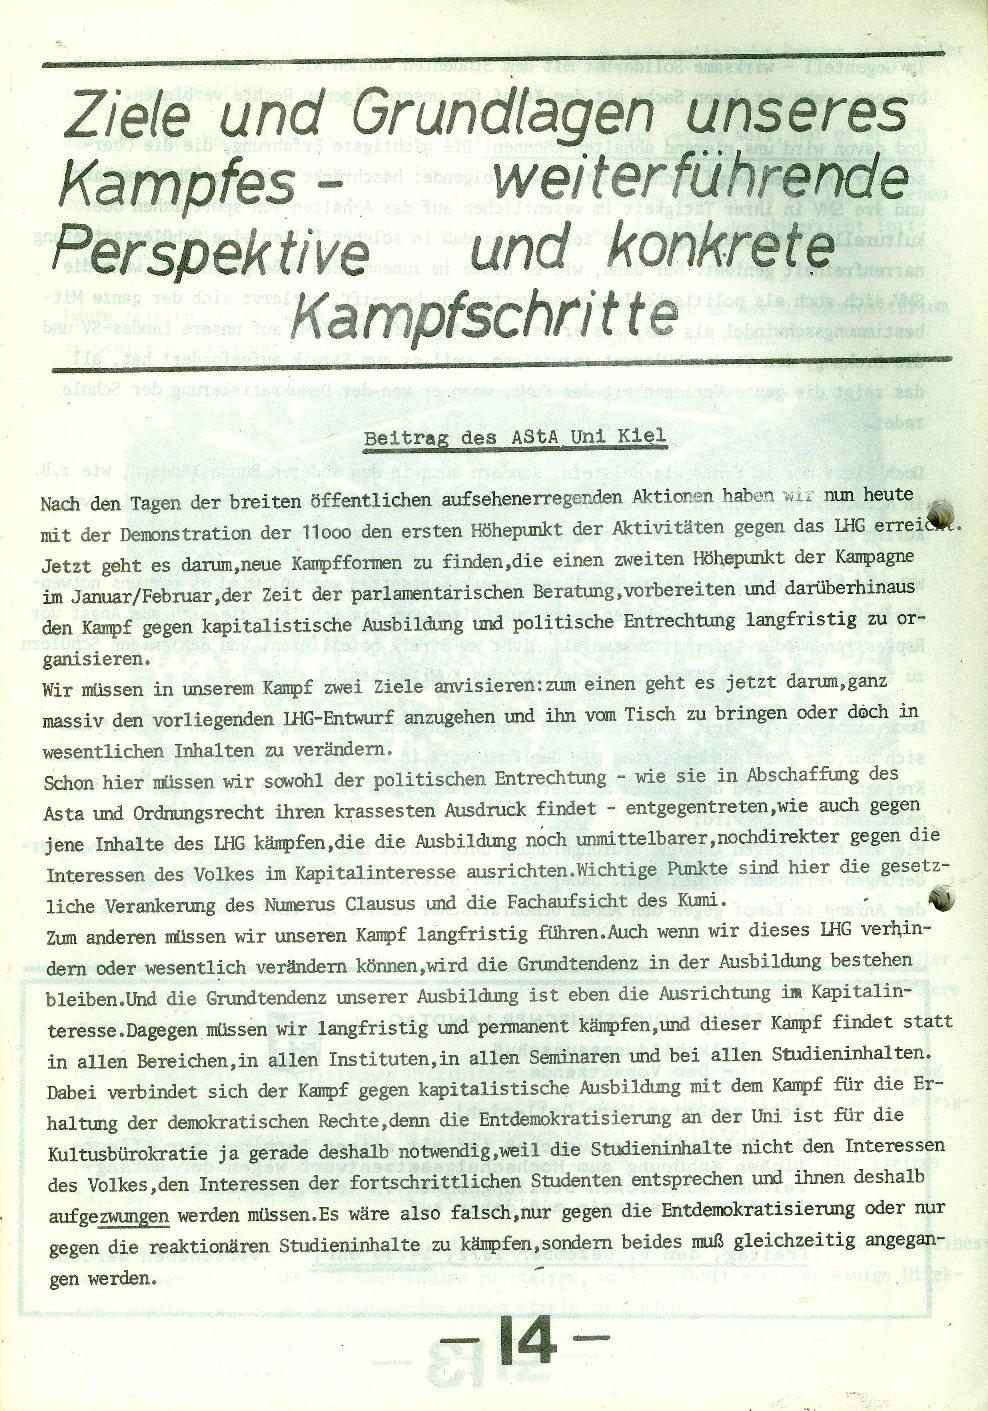 Kiel_Uni519